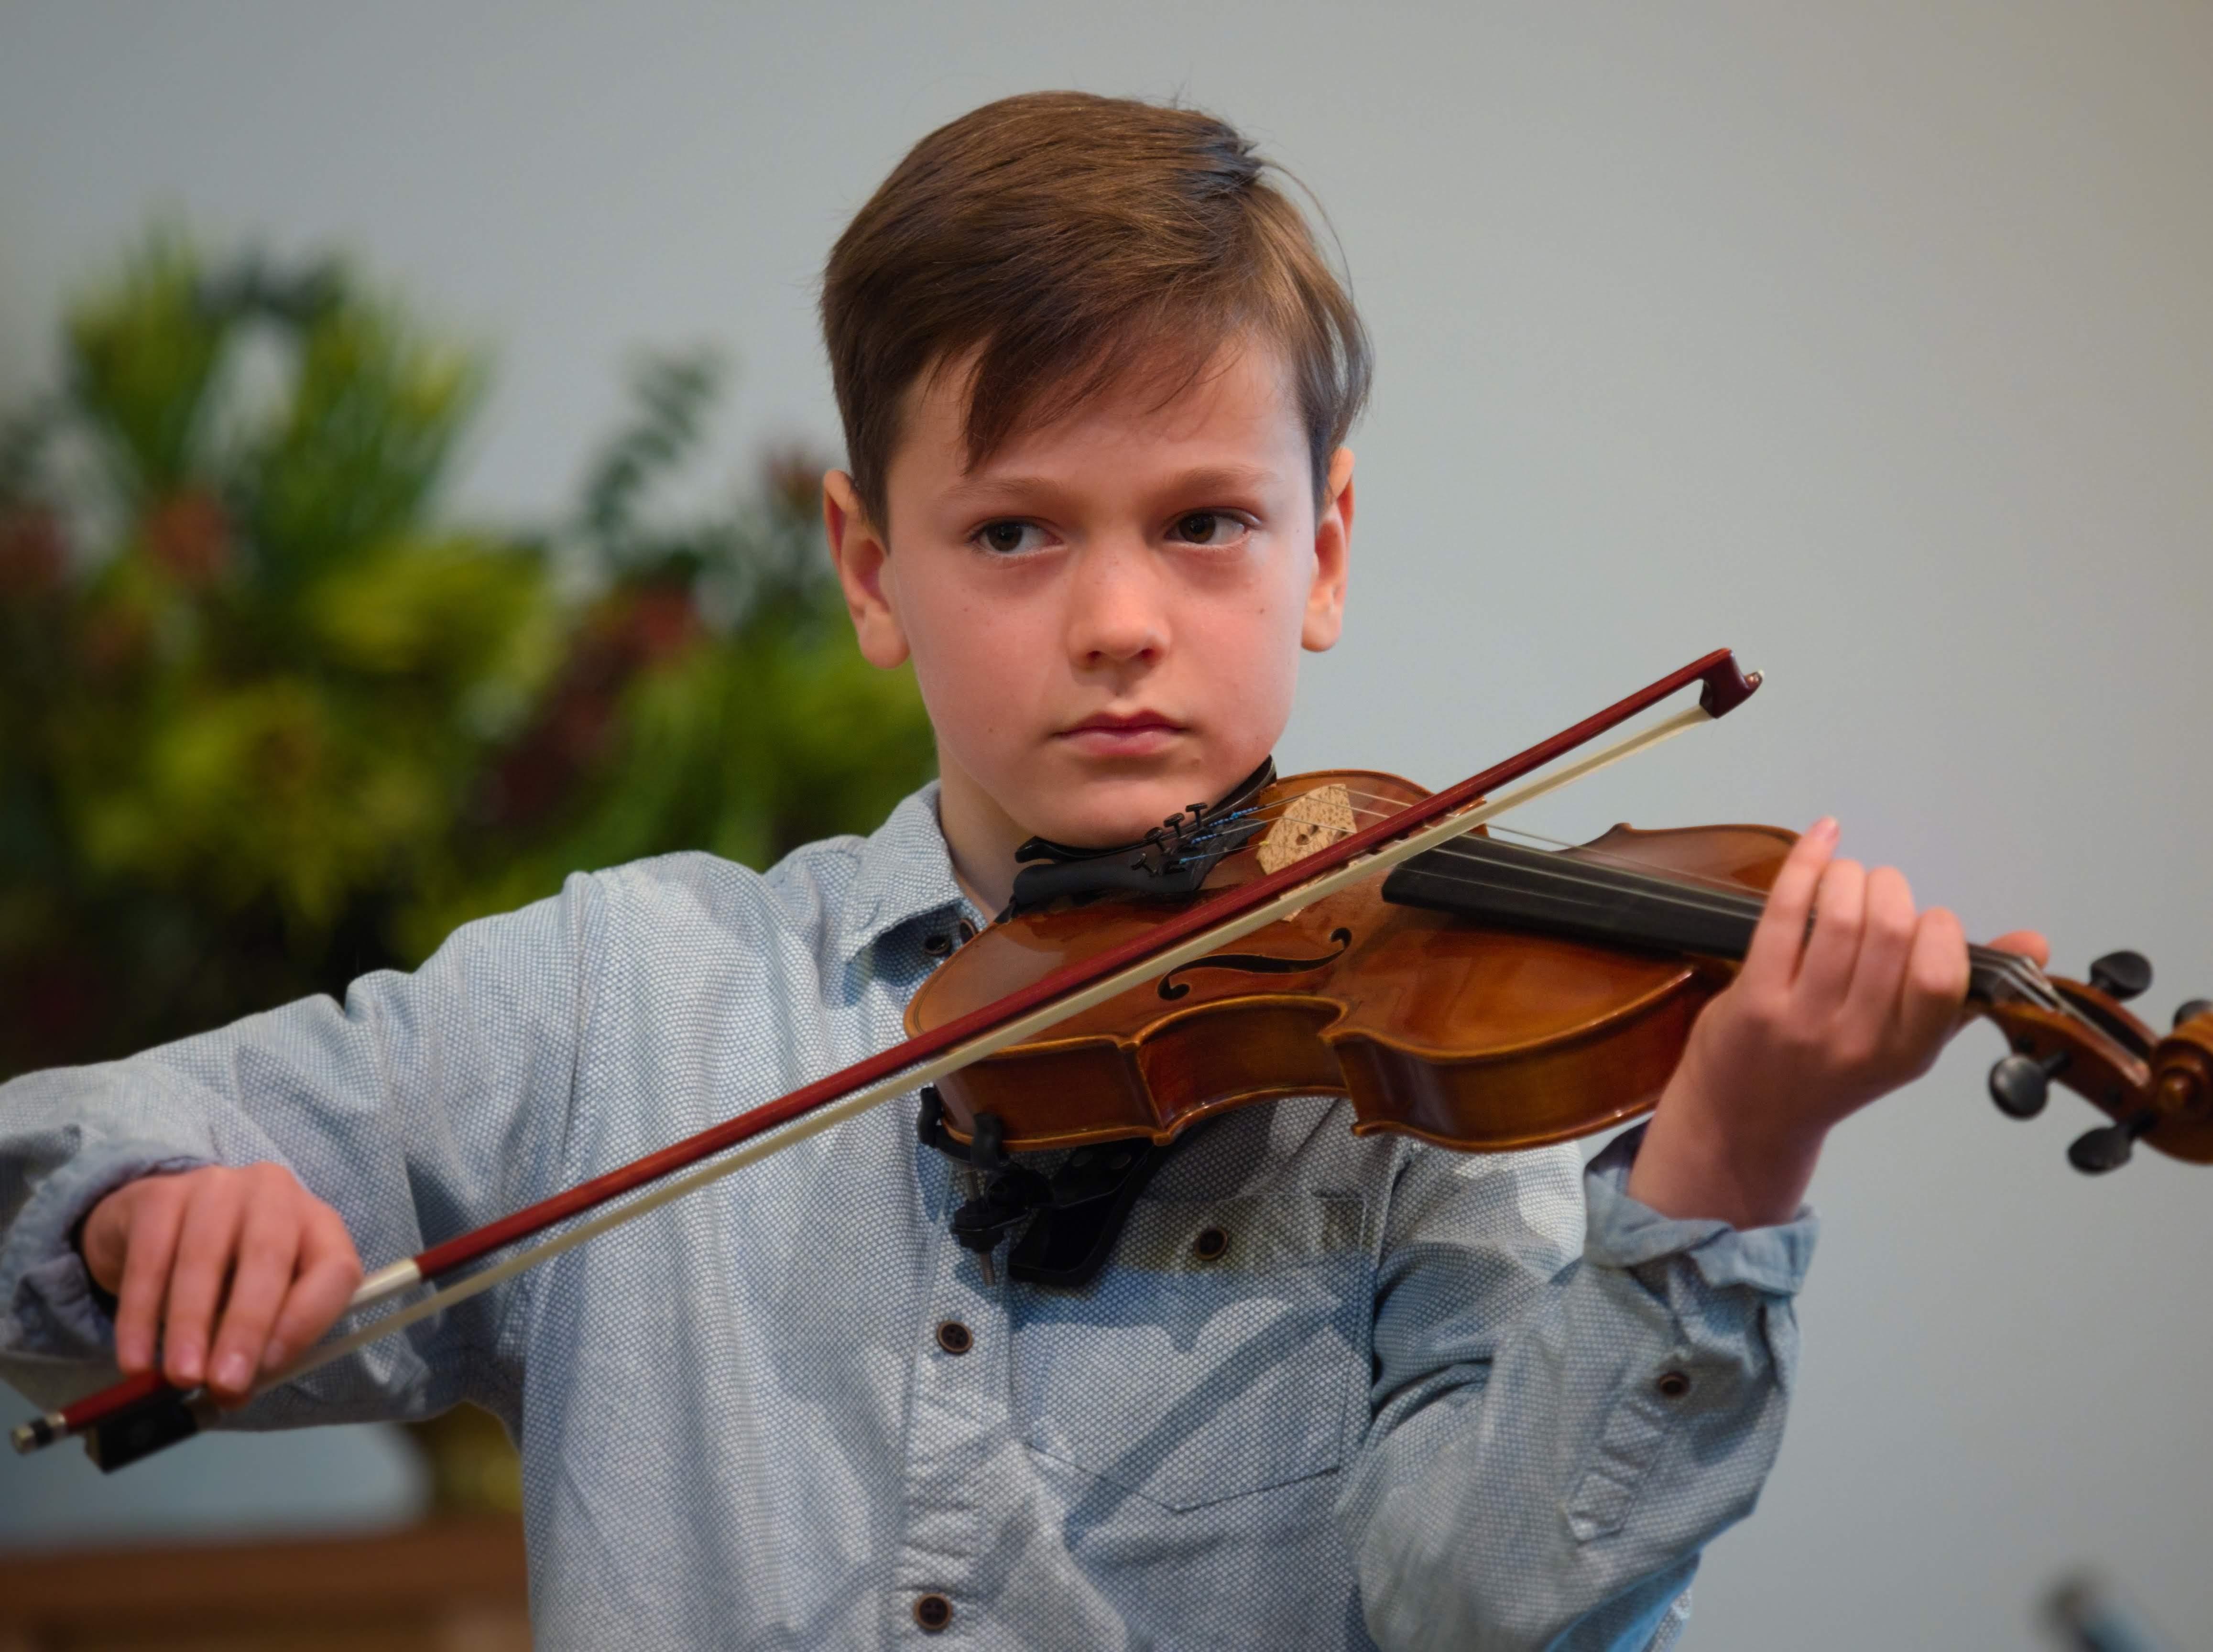 WGE Instrumental Kaelan Lowe Displays His Skill on the Violin